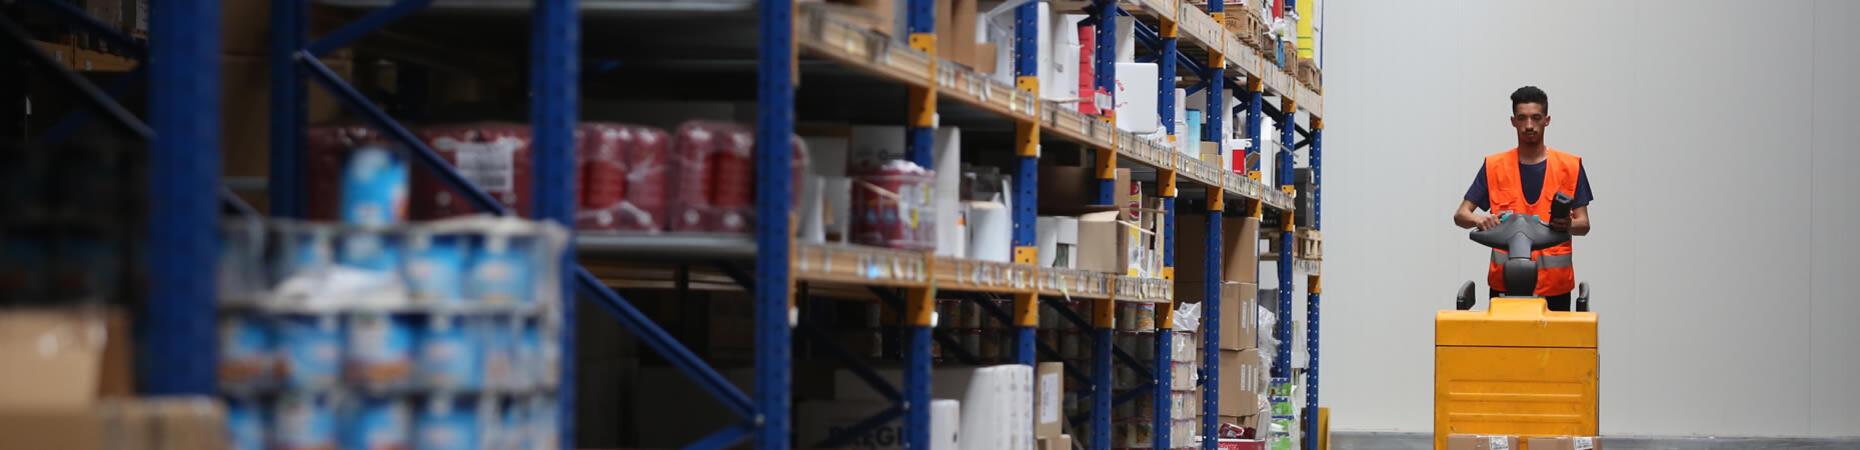 ecoservice-reggioemilia it logistica-settore-alimentare-reggio-emilia 005